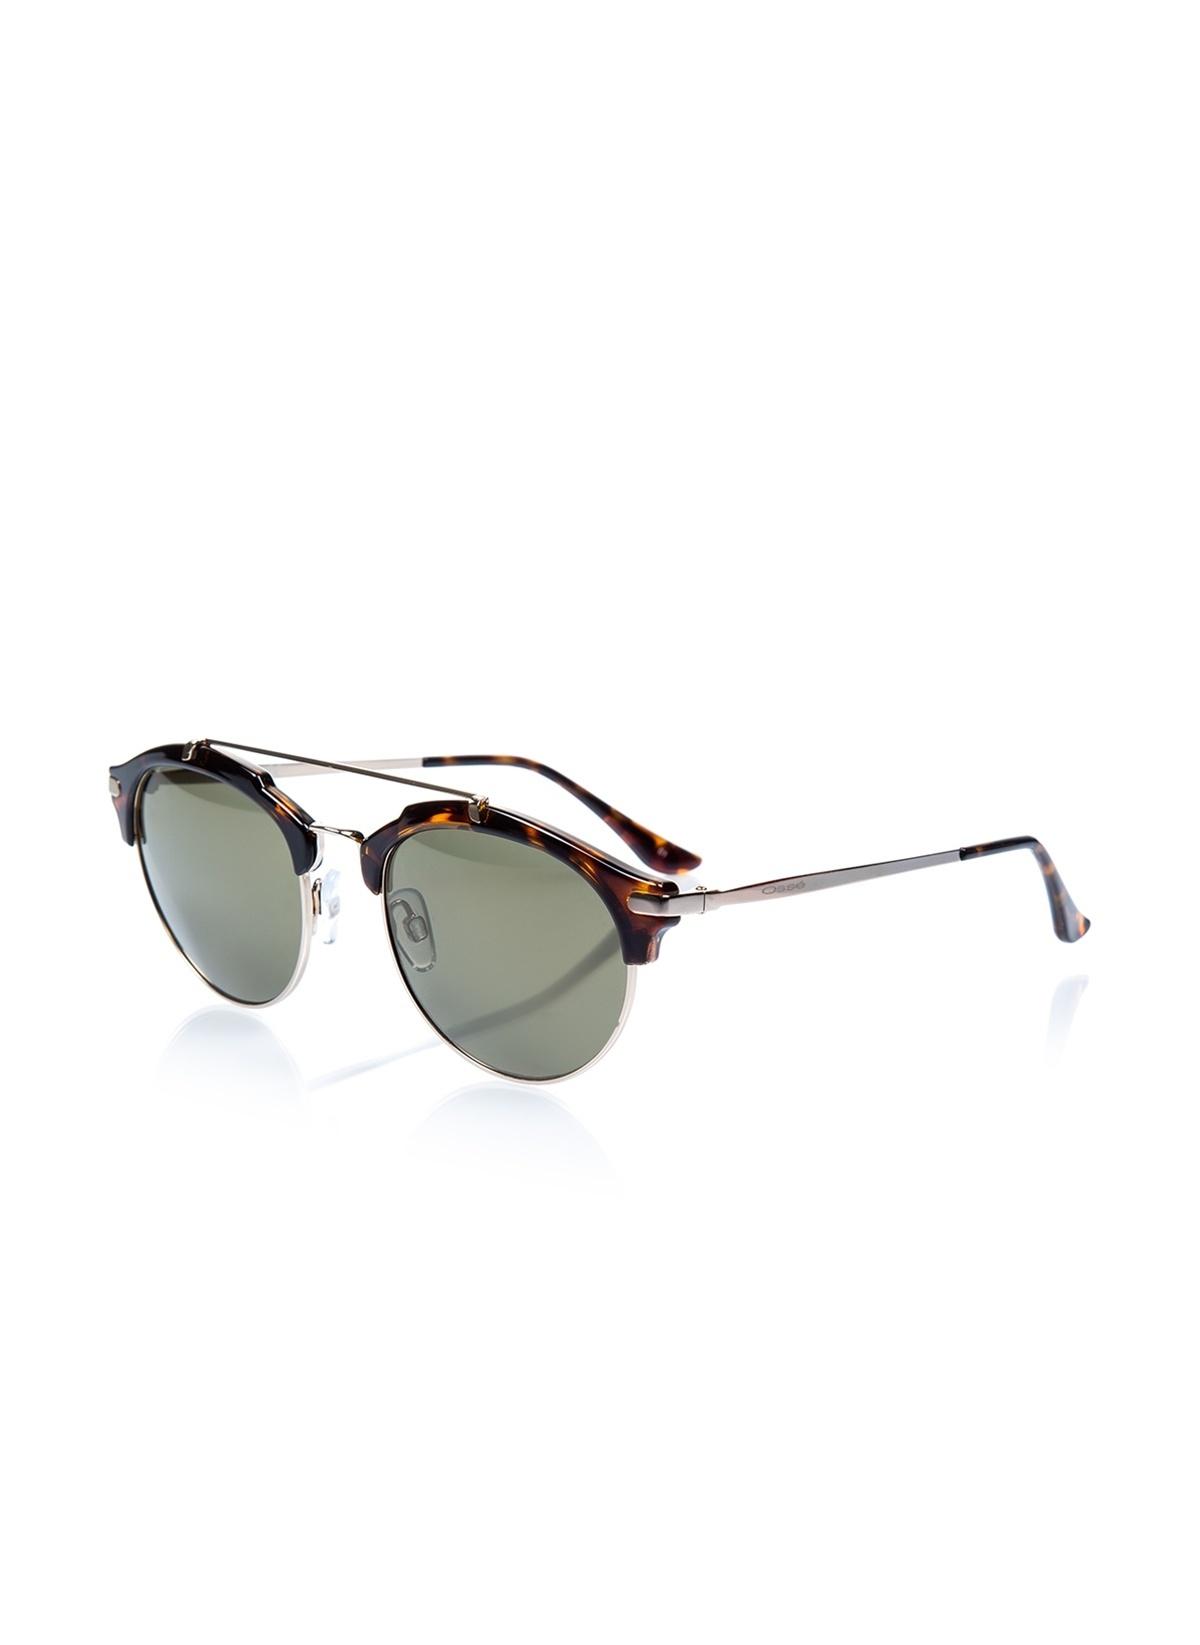 Osse Güneş Gözlüğü Os 2457 03 Unisex Güneş Gözlüğü – 356.41 TL